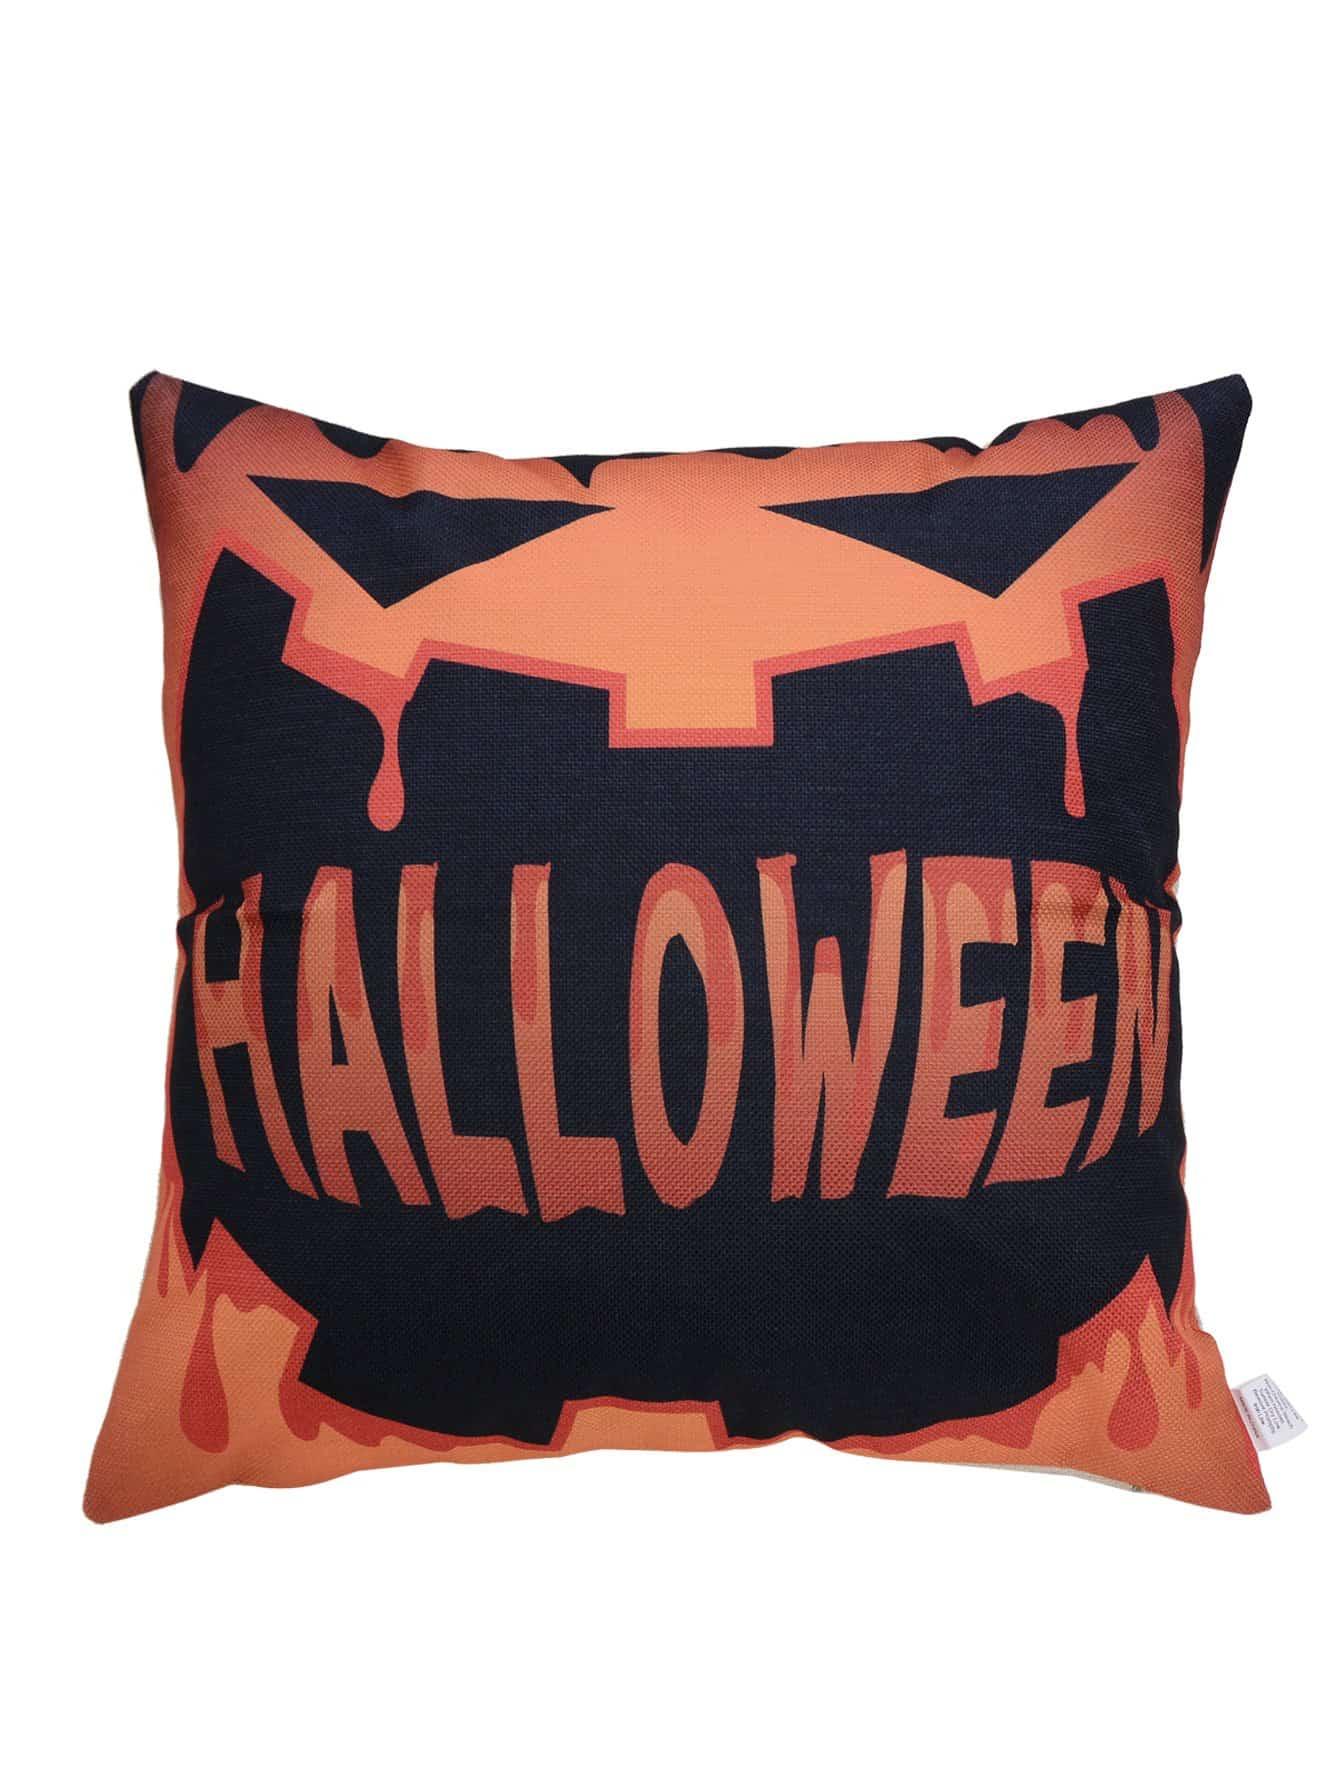 Купить Хэллоуин Дизайн Наволочки, null, SheIn